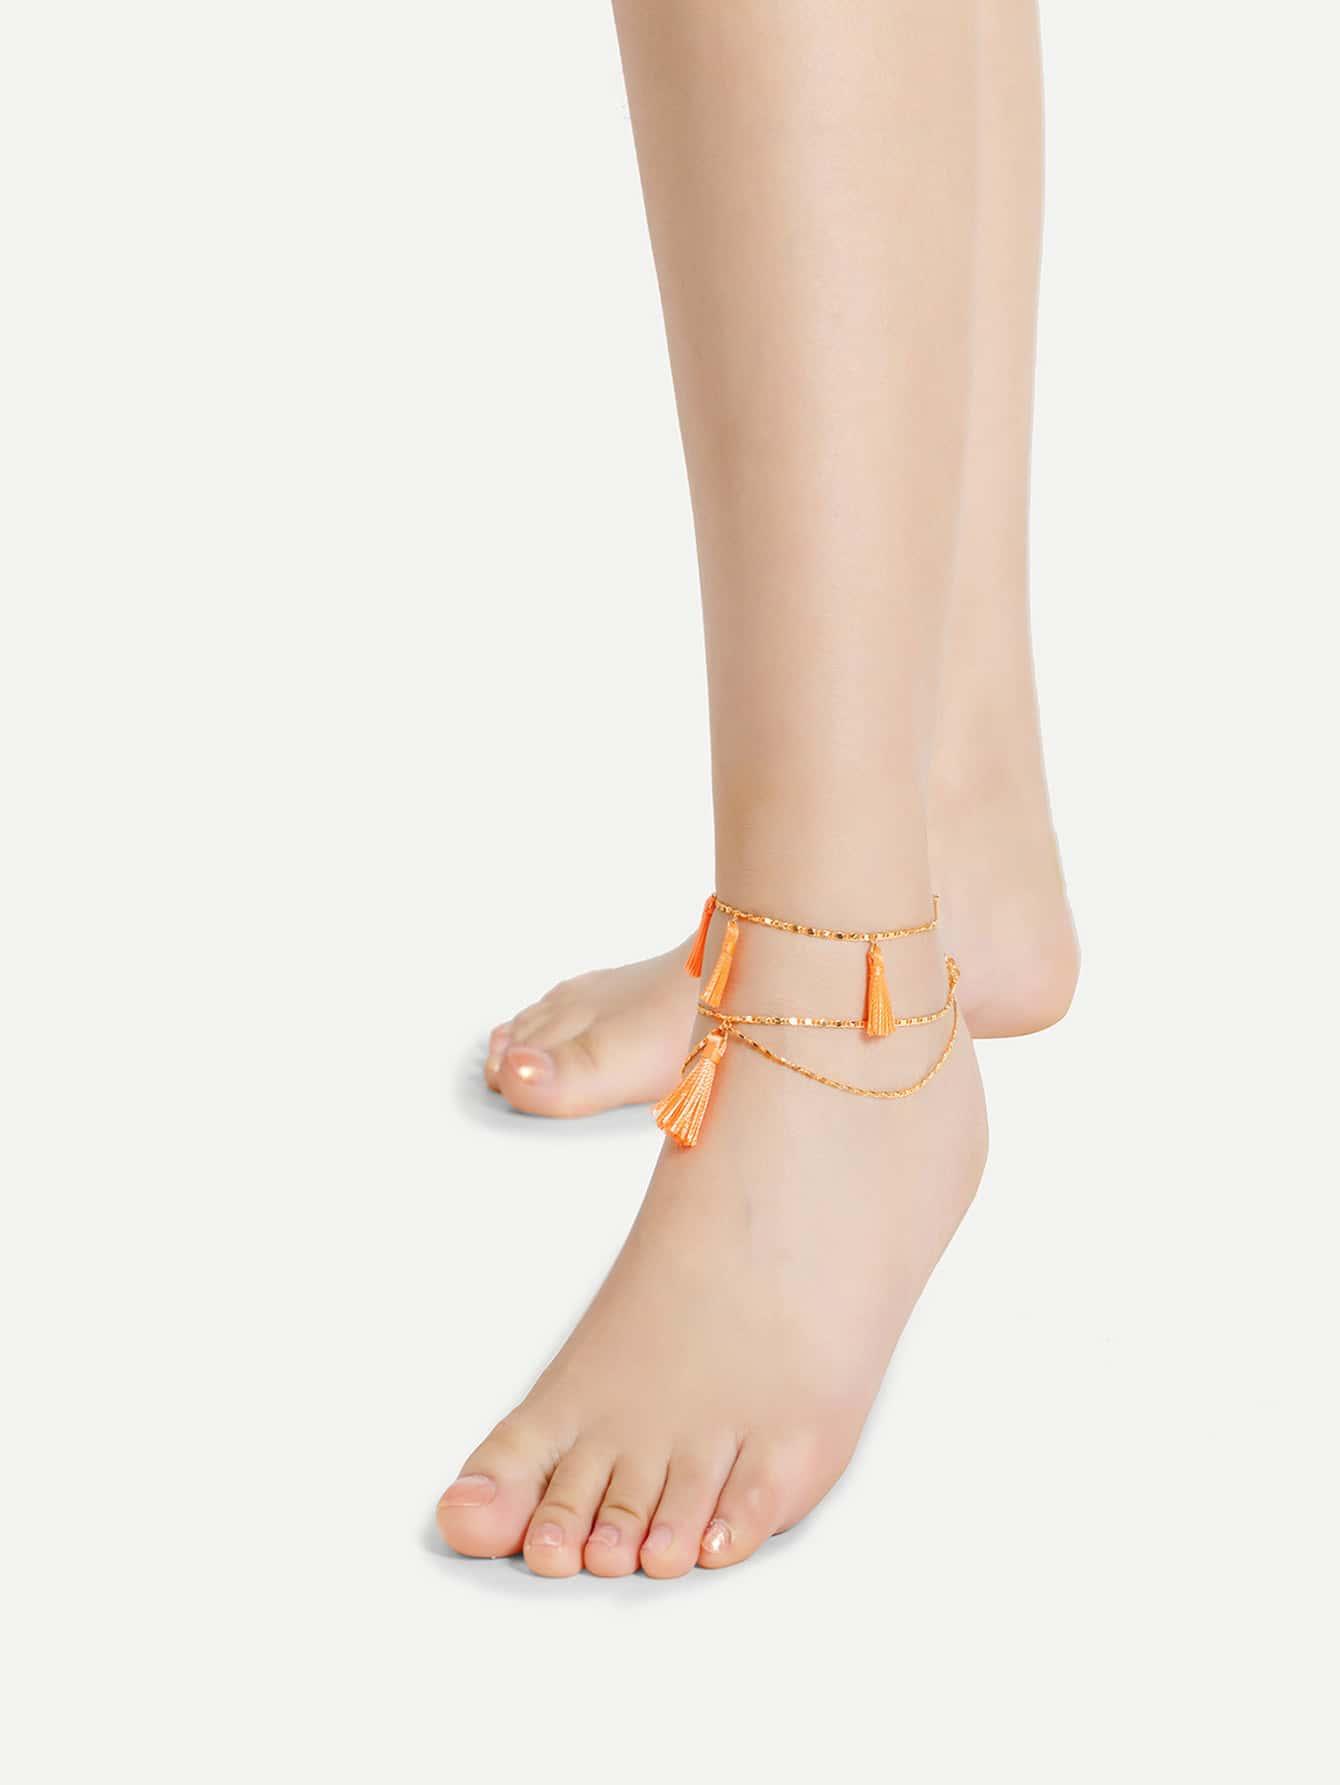 Фото Tassel Detail Chain Layered Anklet 2pcs. Купить с доставкой